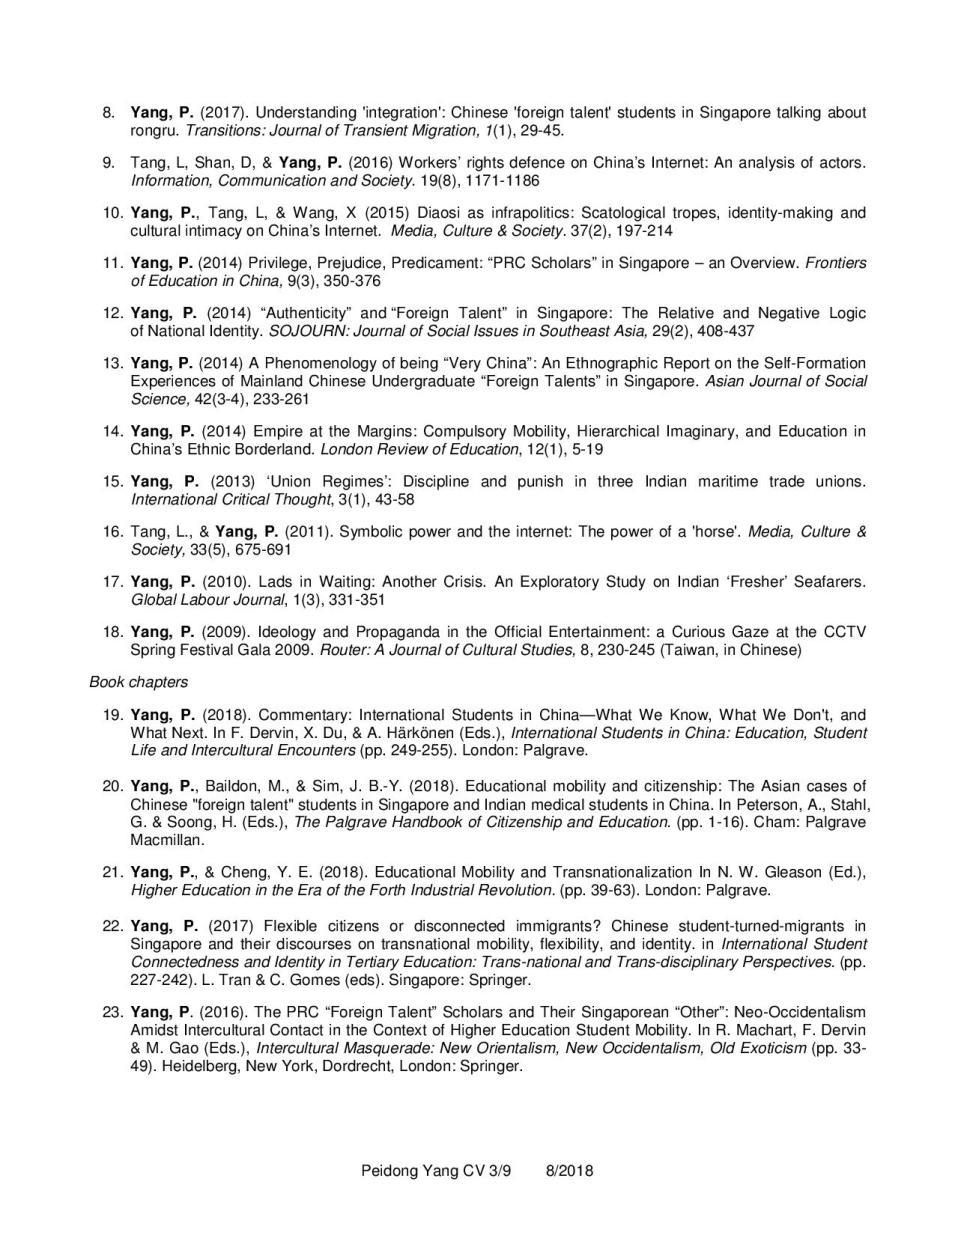 CV YANG Peidong_8.2018-page-003